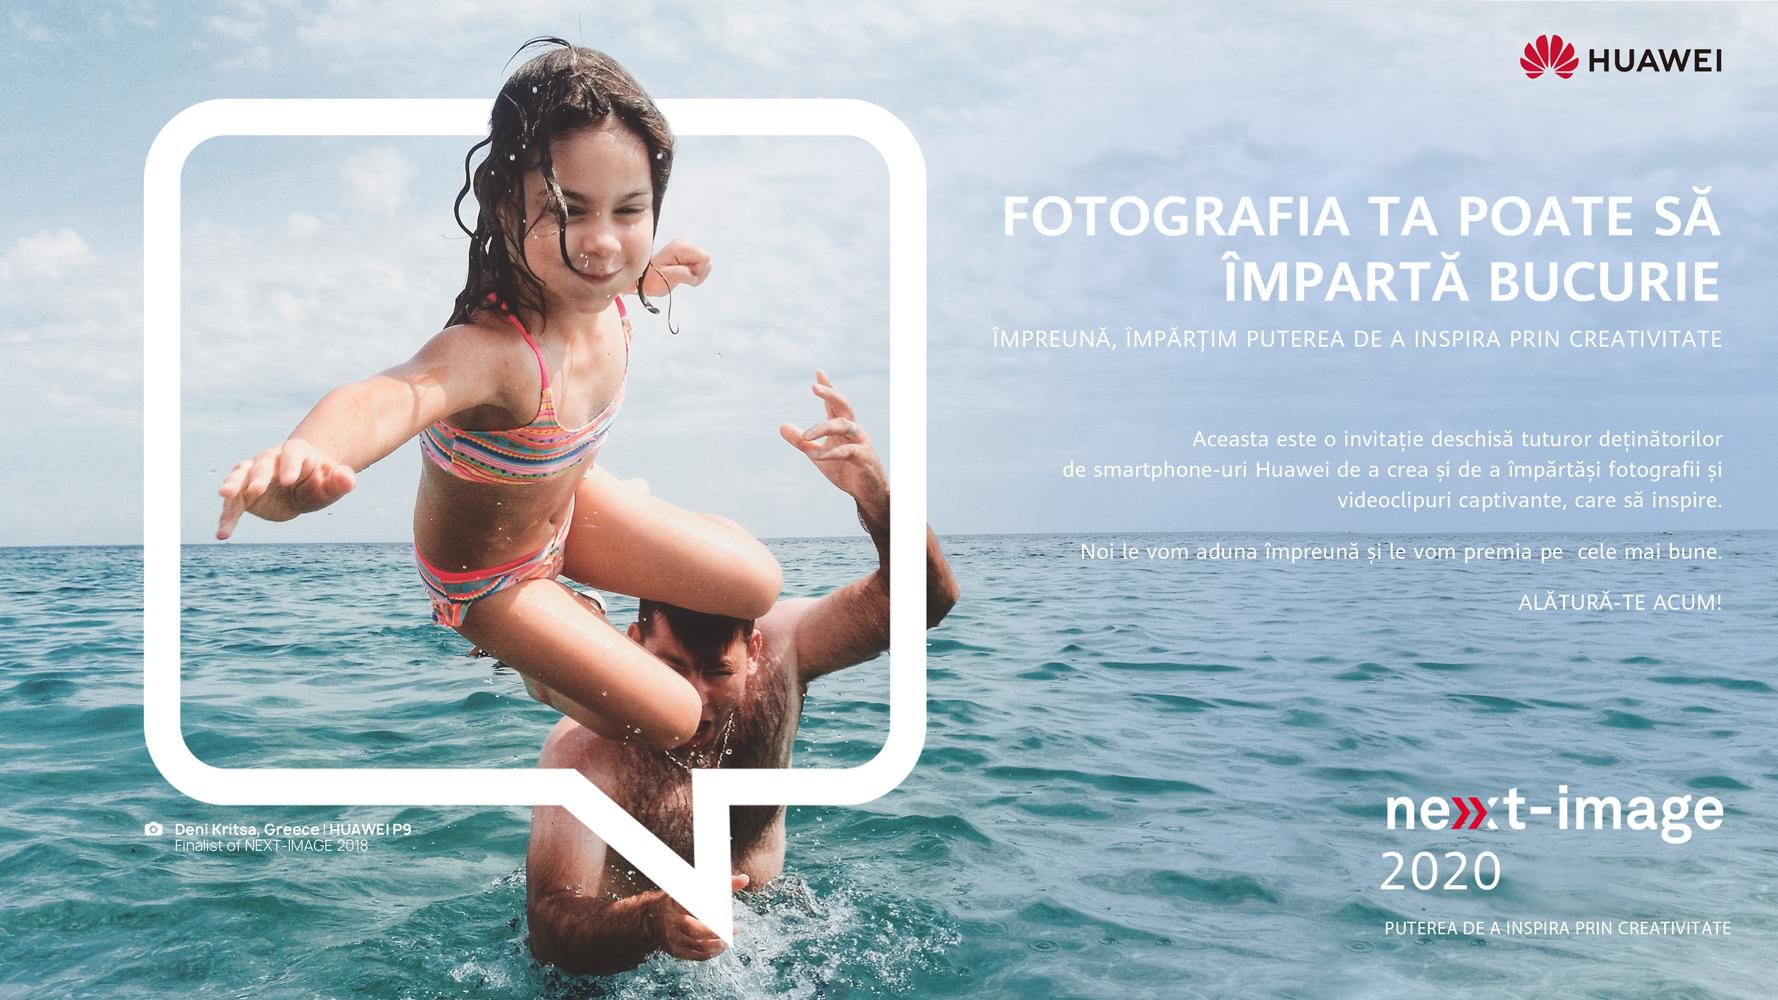 Trei români pe lista câștigătorilor HUAWEI NEXT IMAGE Awards 2020